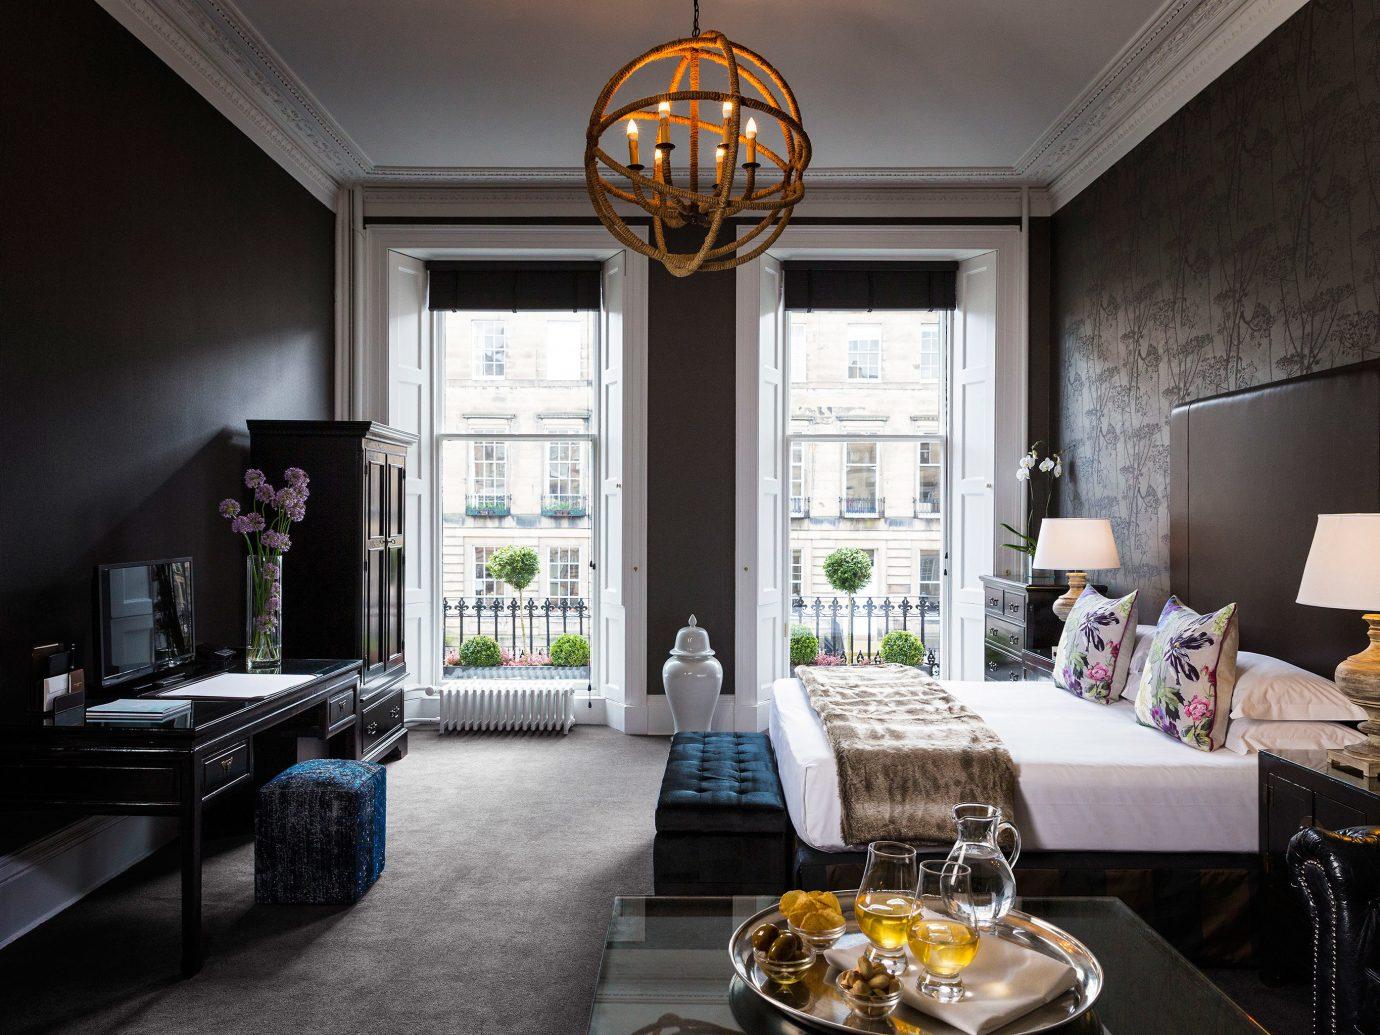 Bedroom at Nira Caledonia